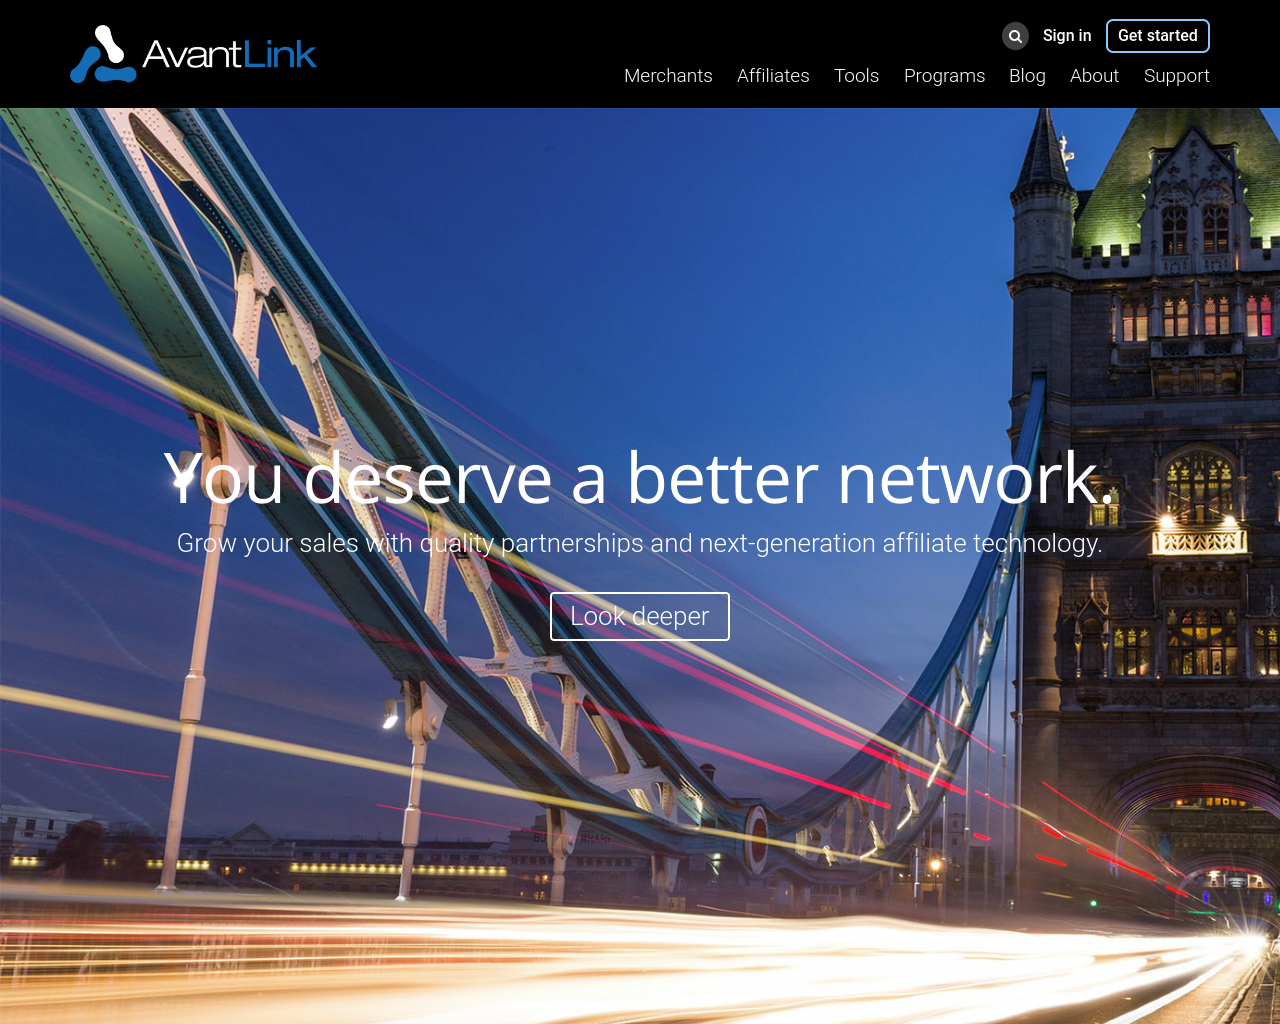 AvantLink-Advertising-Reviews-Pricing